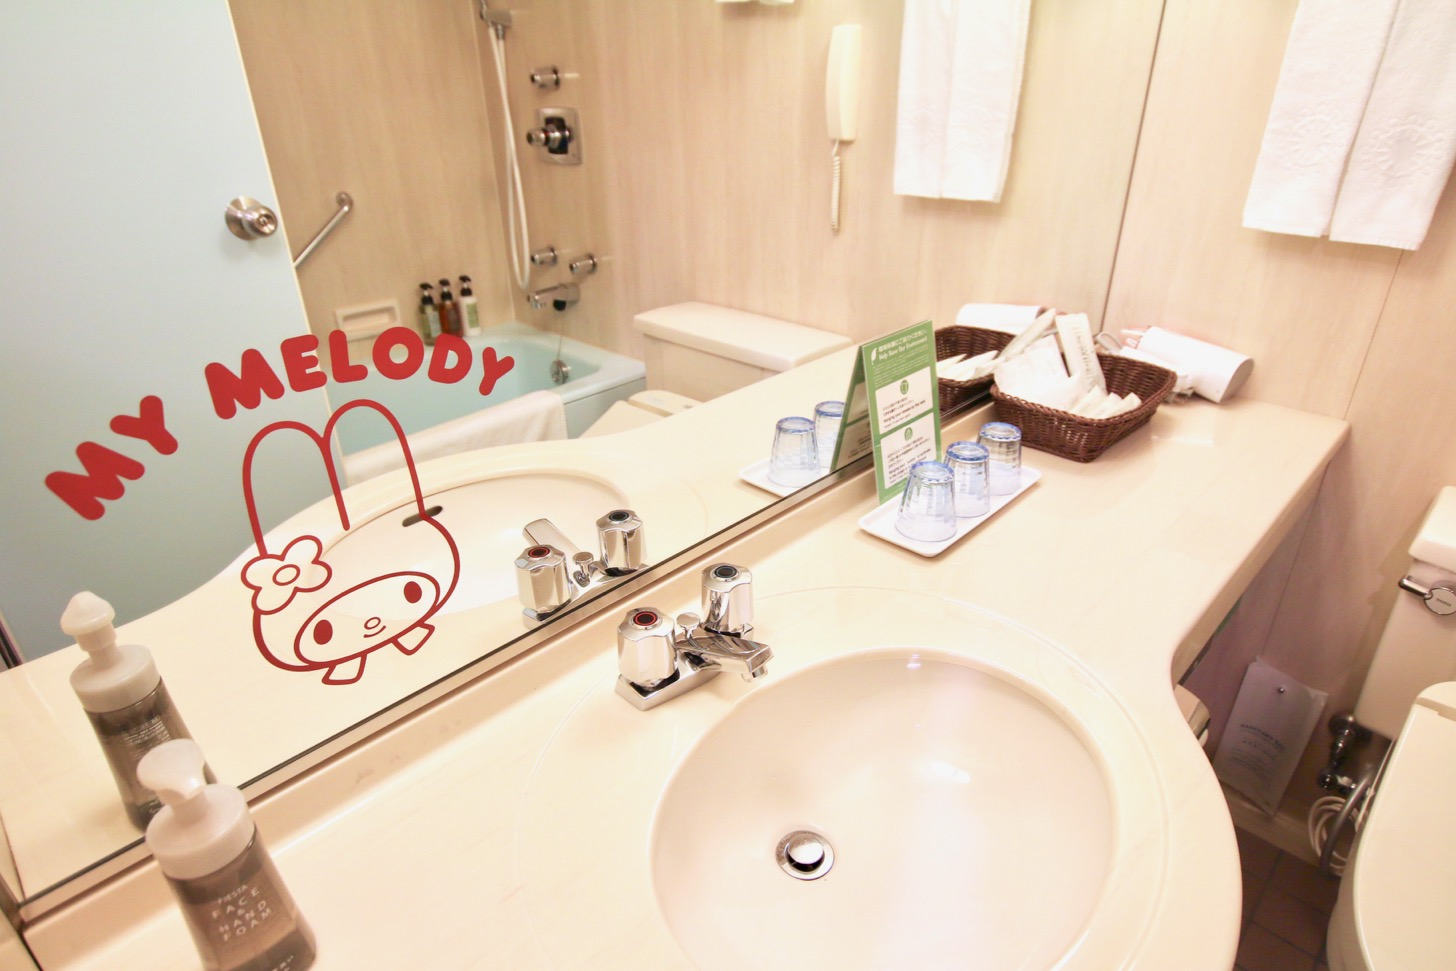 京王プラザホテル多摩 マイメロディルームのバスルーム